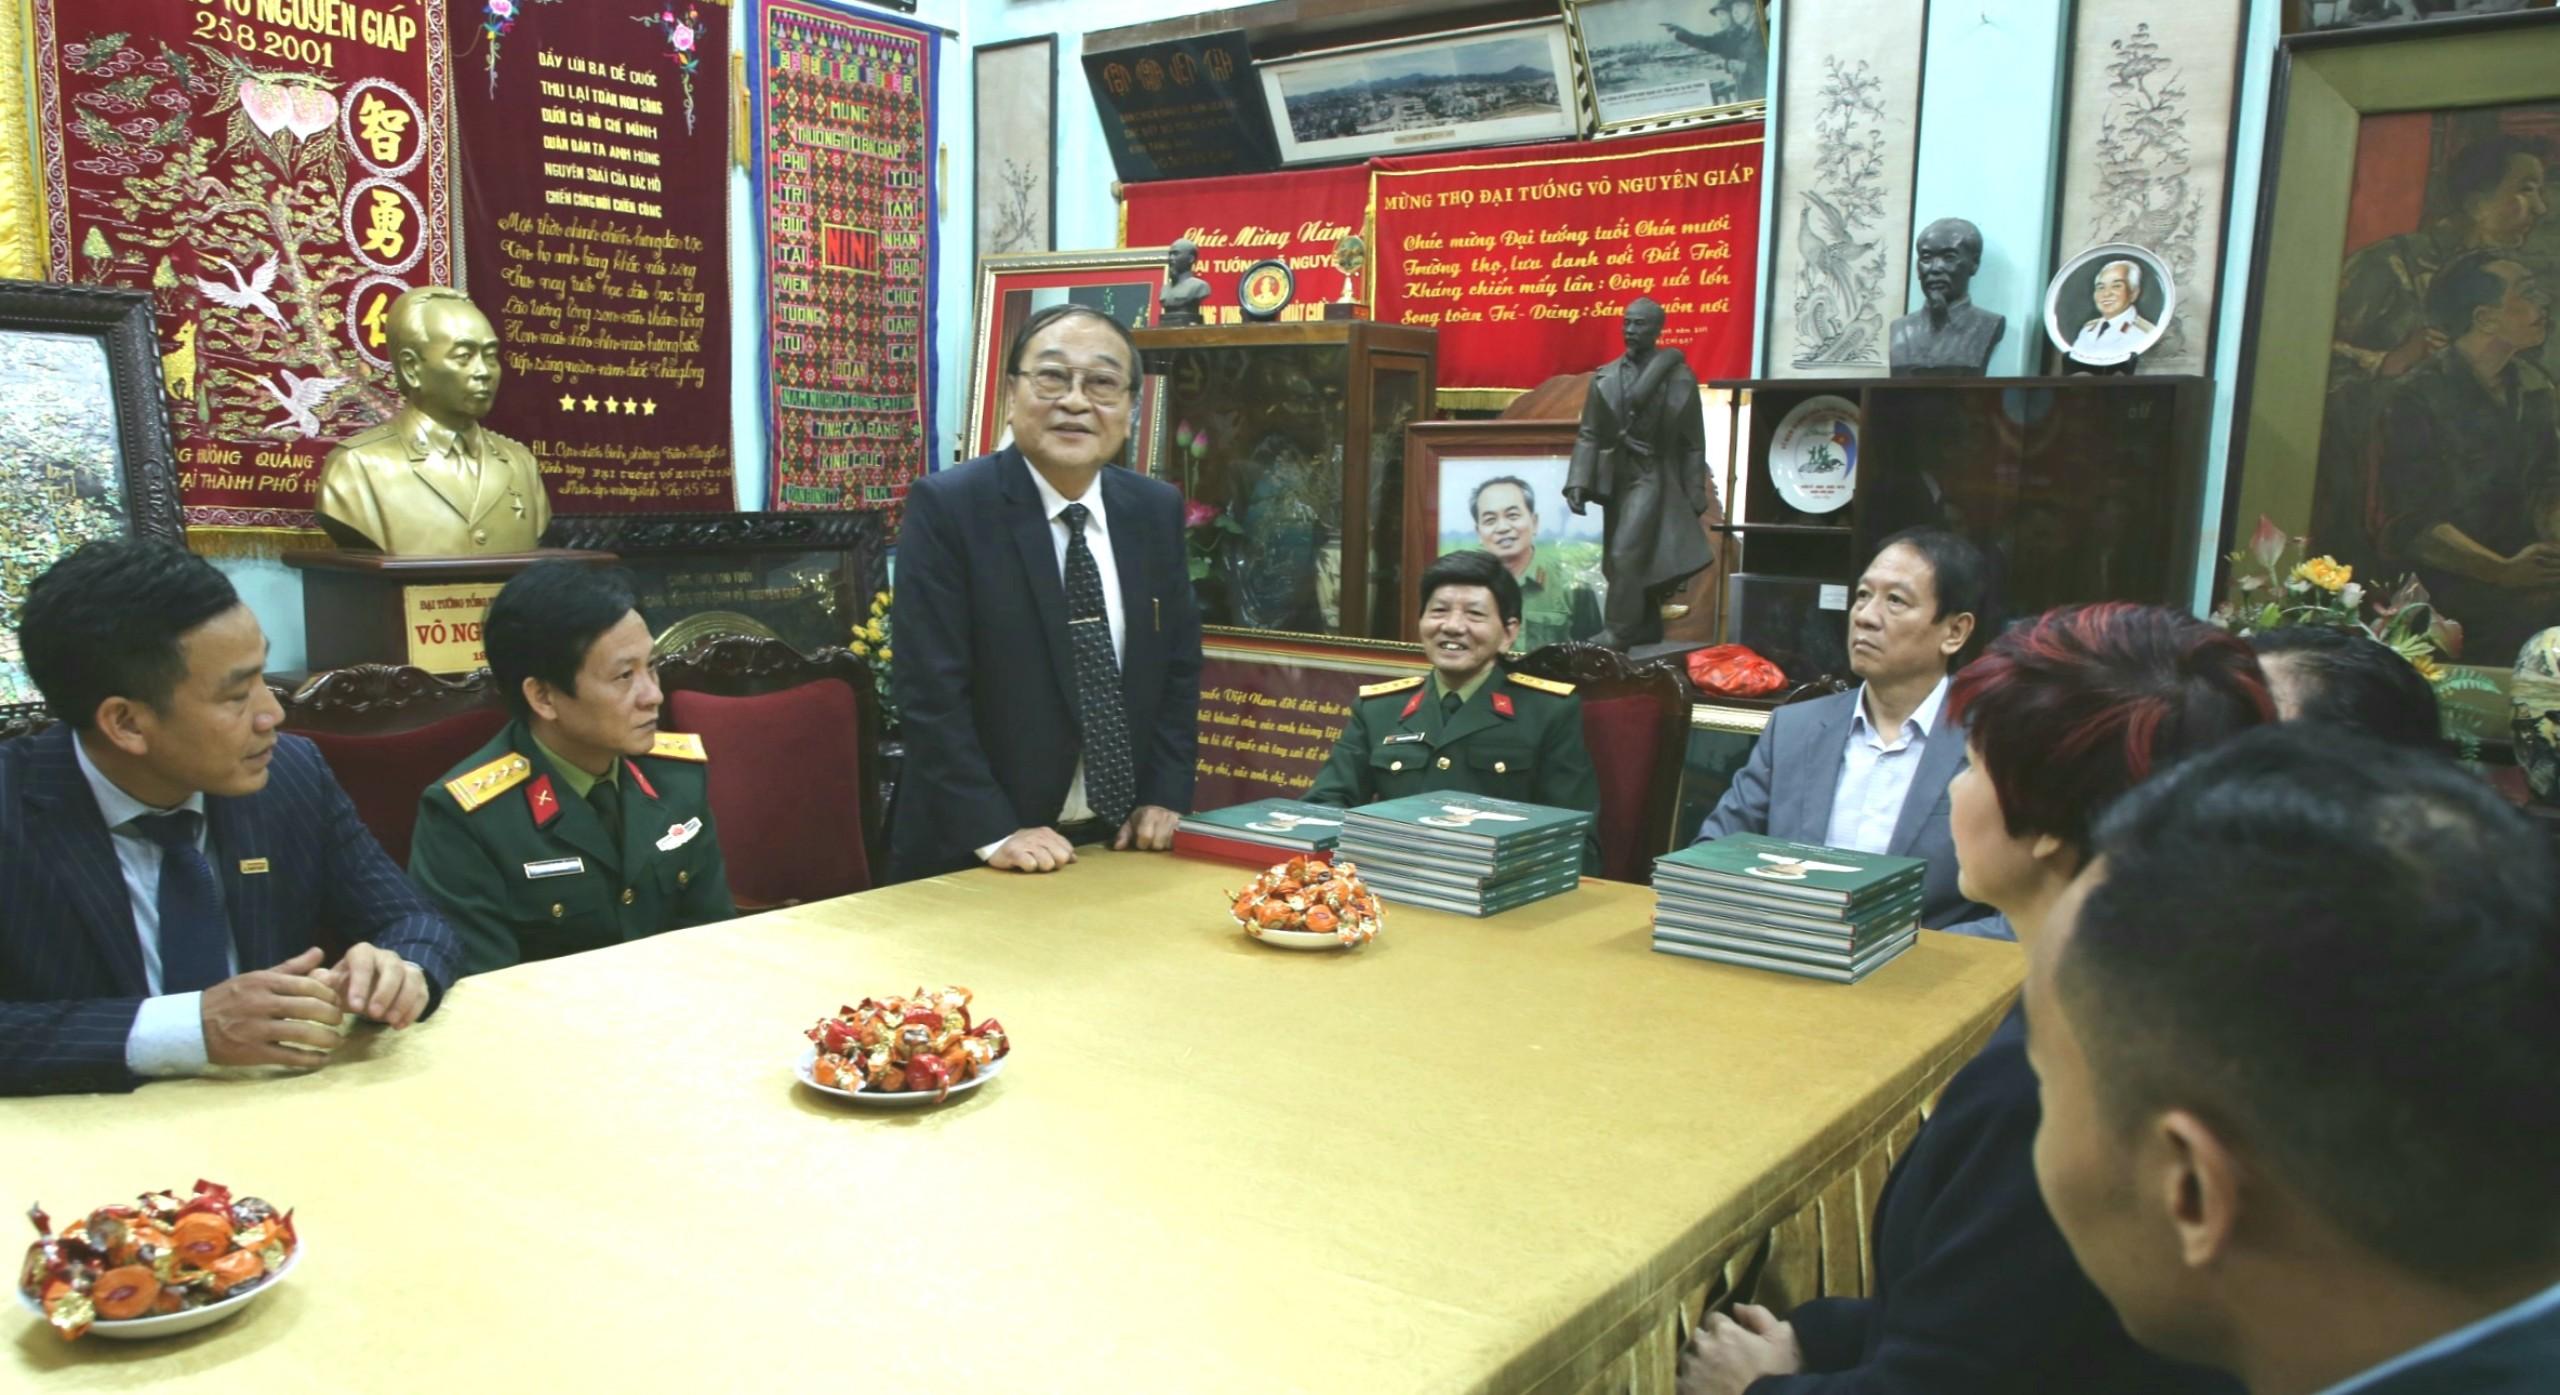 Tặng sách ảnh Đại tướng Võ Nguyên Giáp trong lòng dân cho gia đình Đại tướng - Ảnh 5